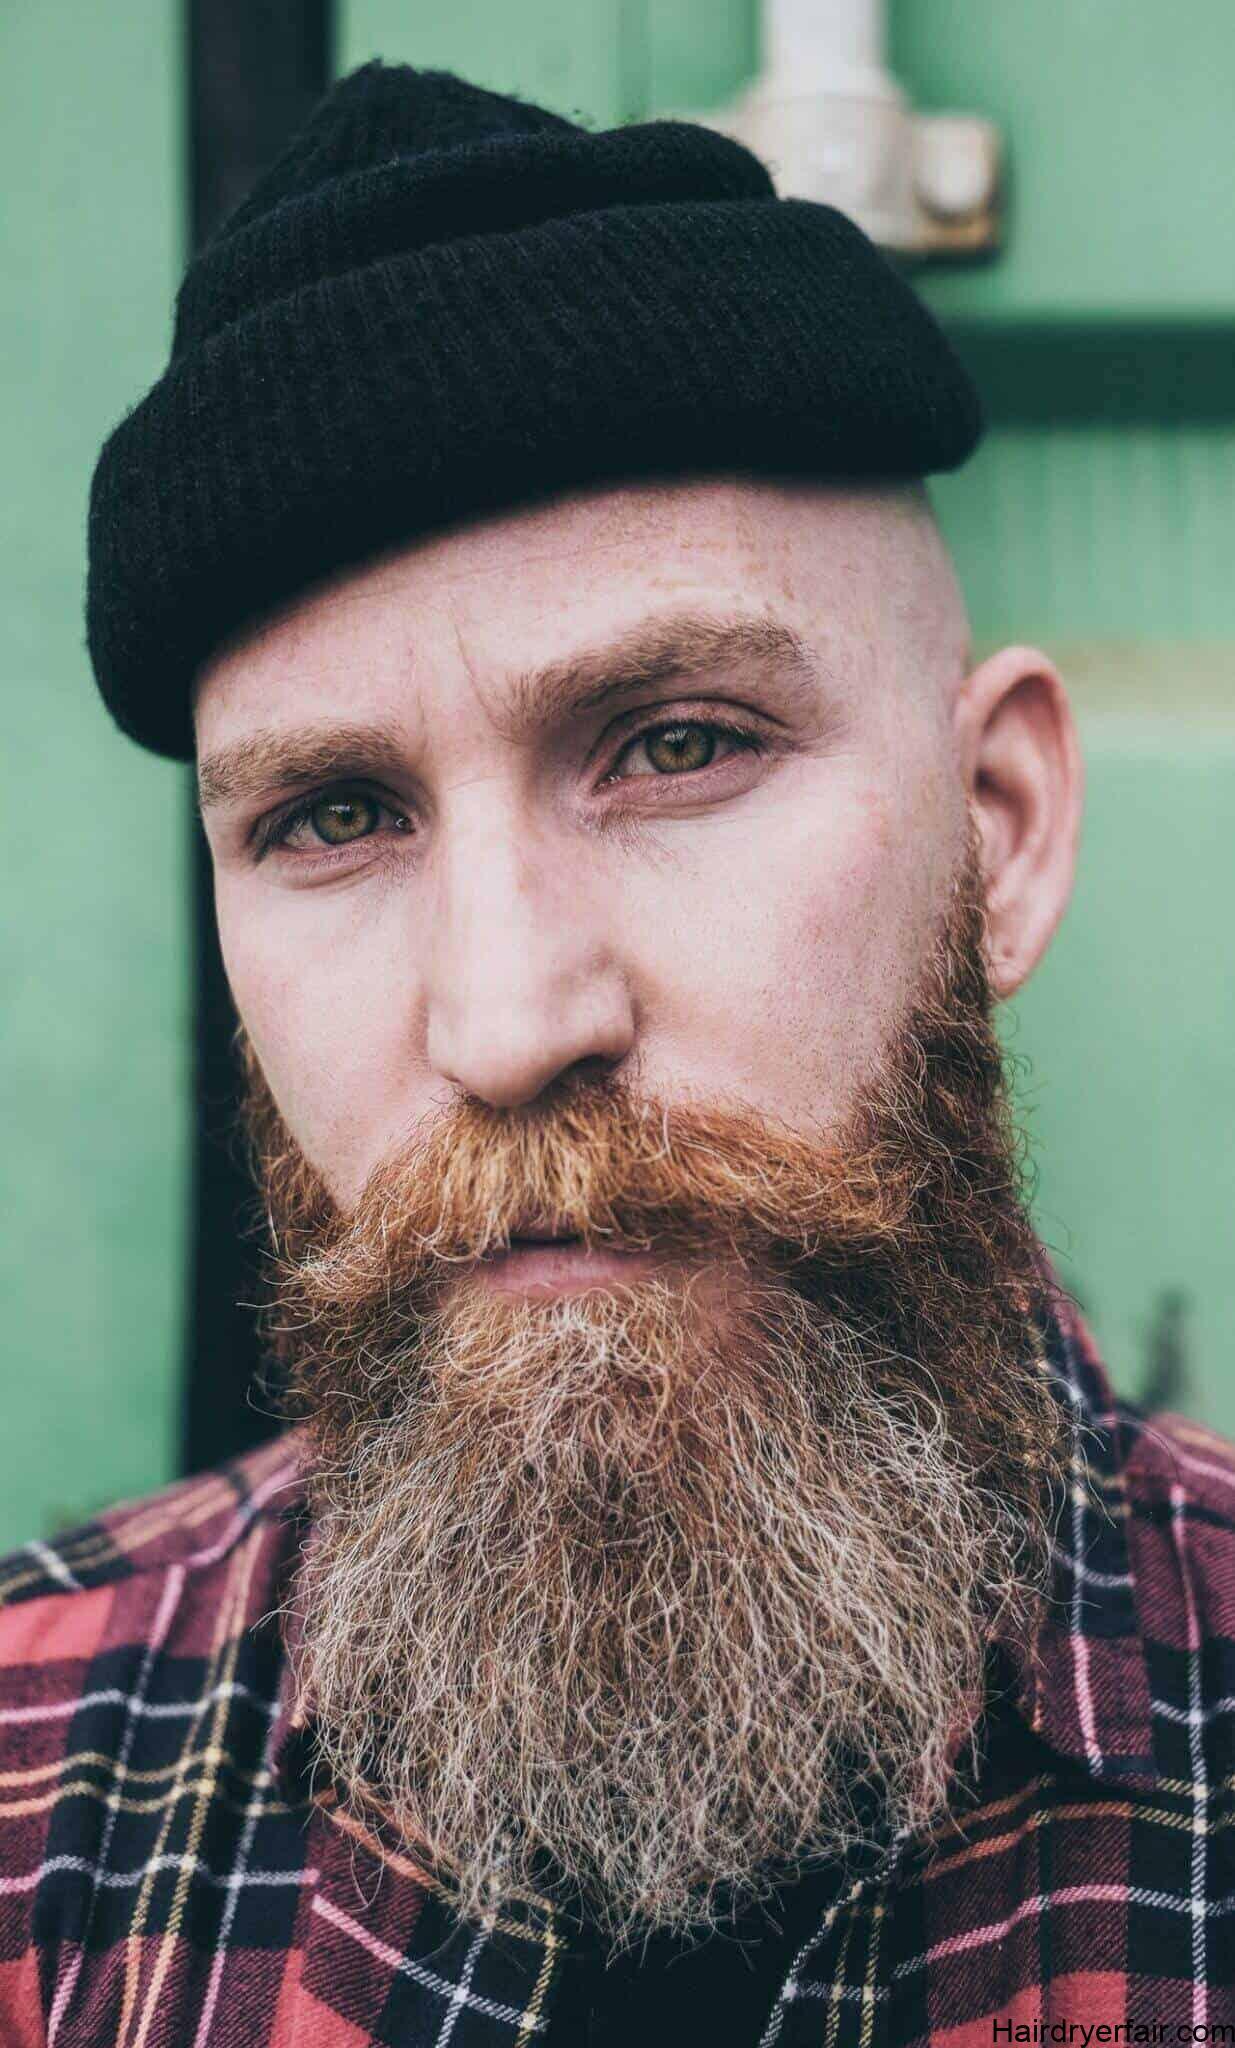 Bald With Full Beard